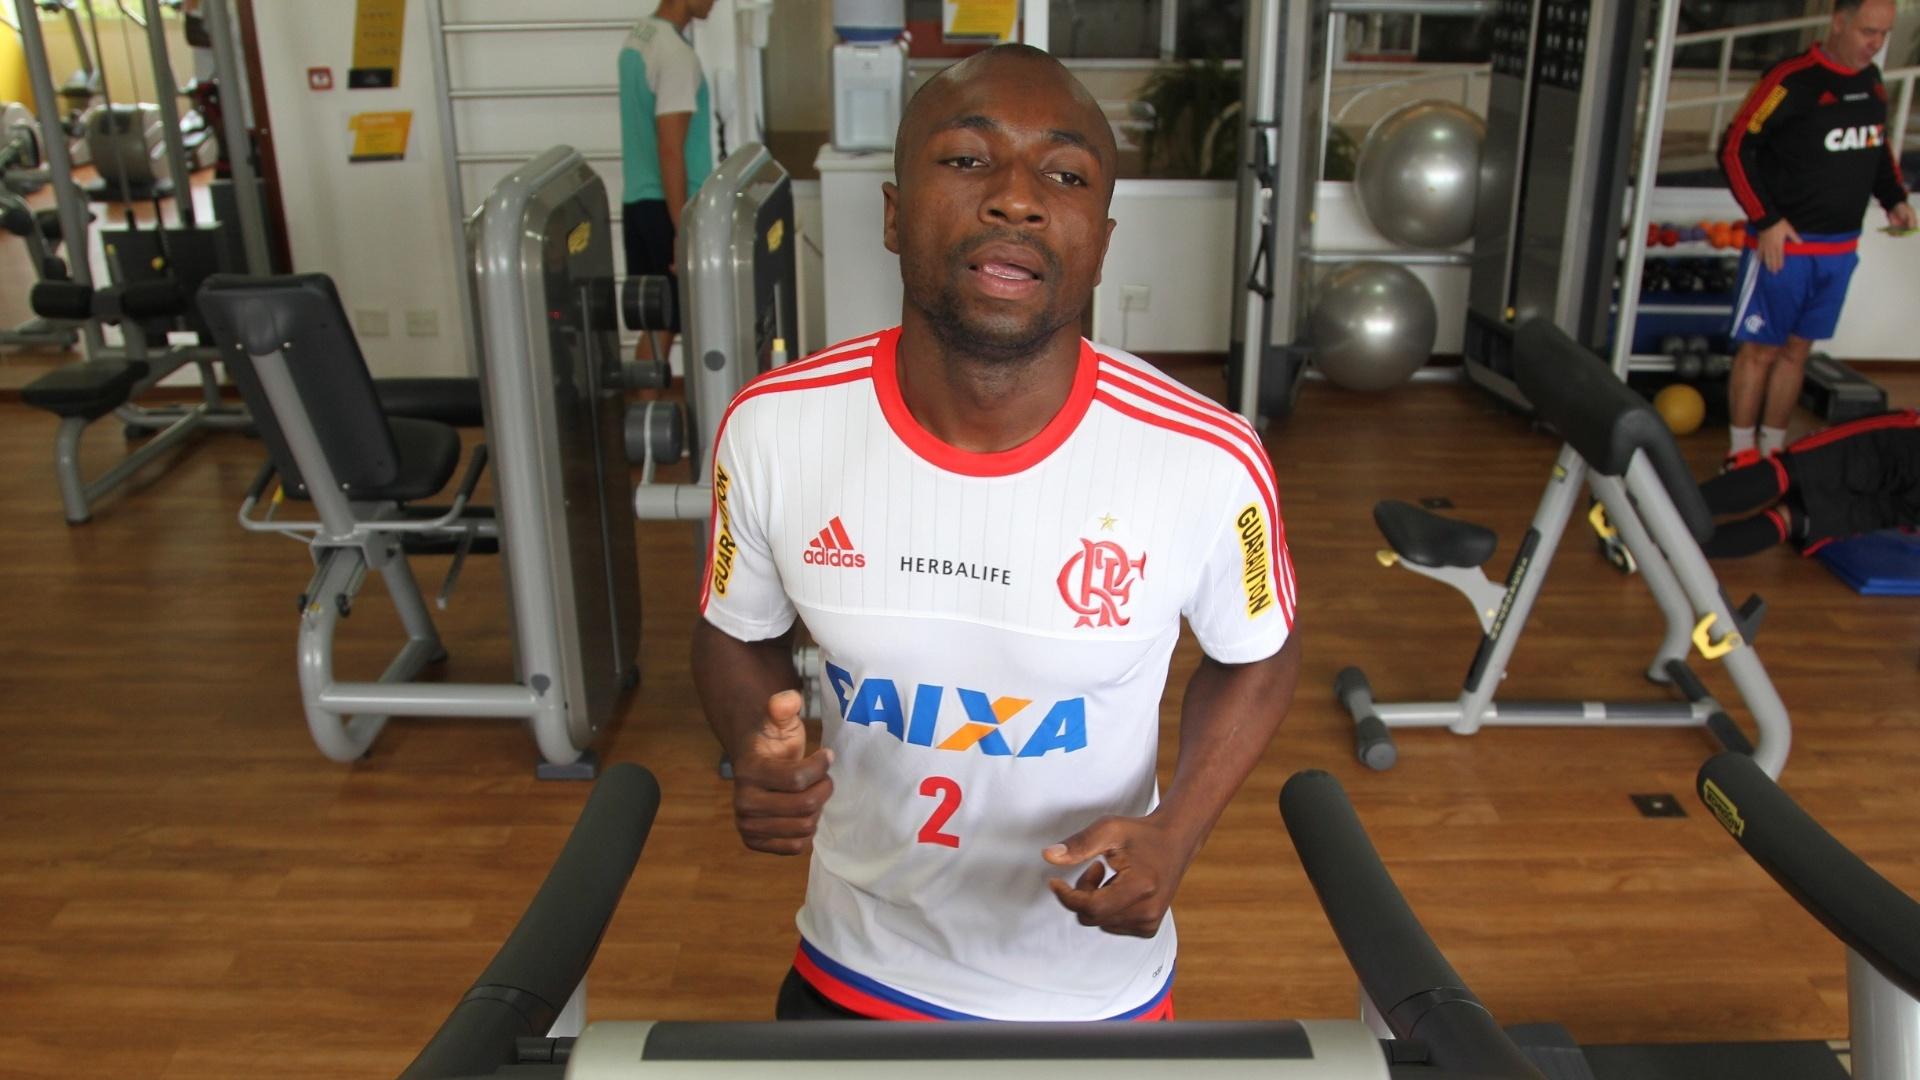 Armero treina em Atibaia na expectativa de estrear com a camisa do Flamengo